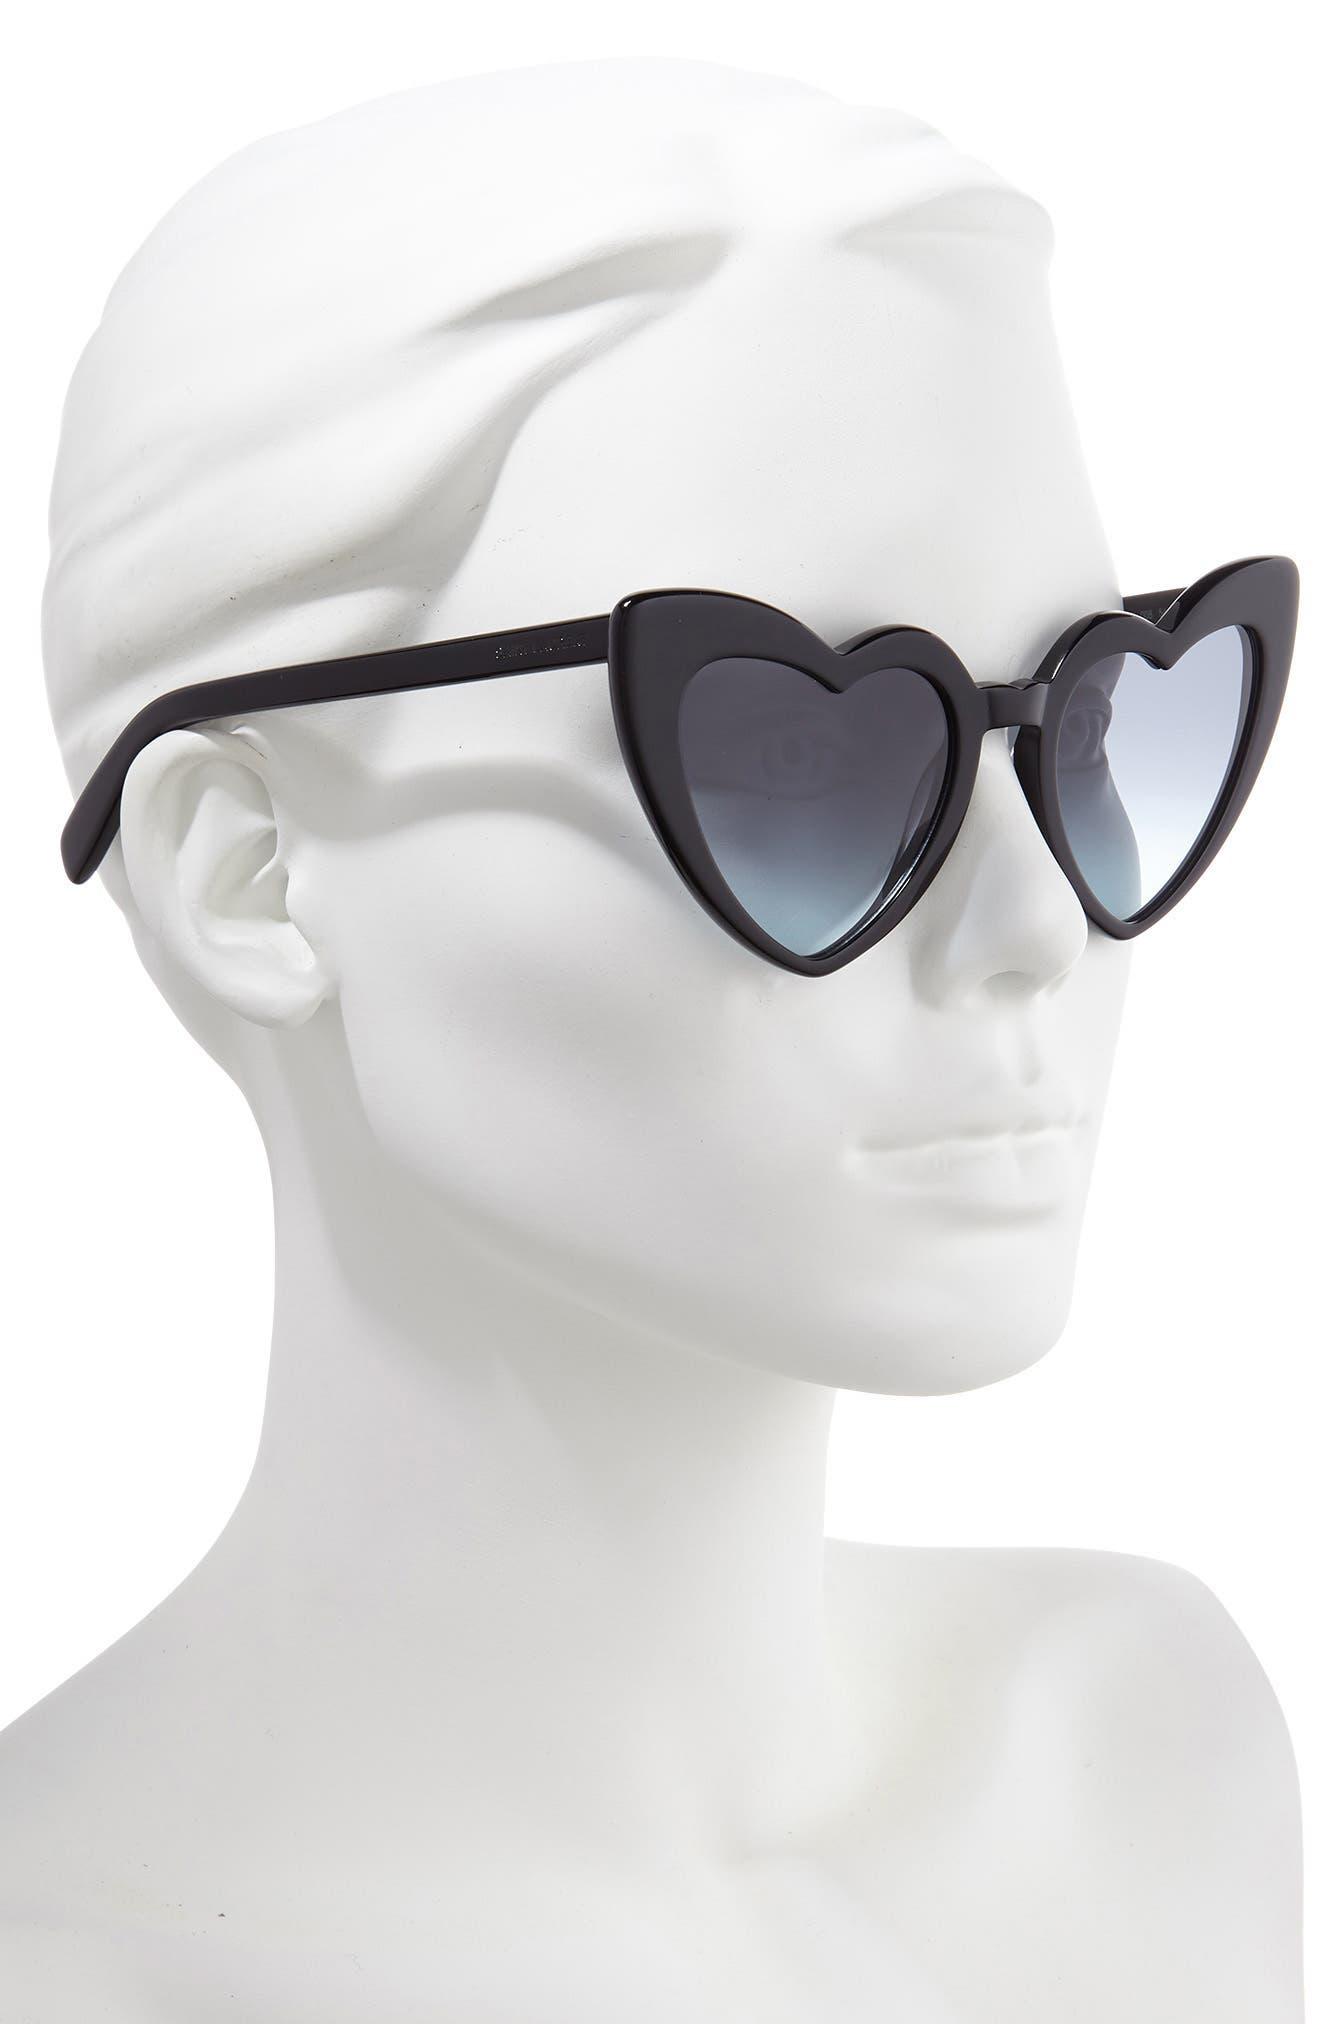 SAINT LAURENT,                             Loulou 54mm Heart Sunglasses,                             Alternate thumbnail 2, color,                             BLACK/ GREY BLUE GRADIENT